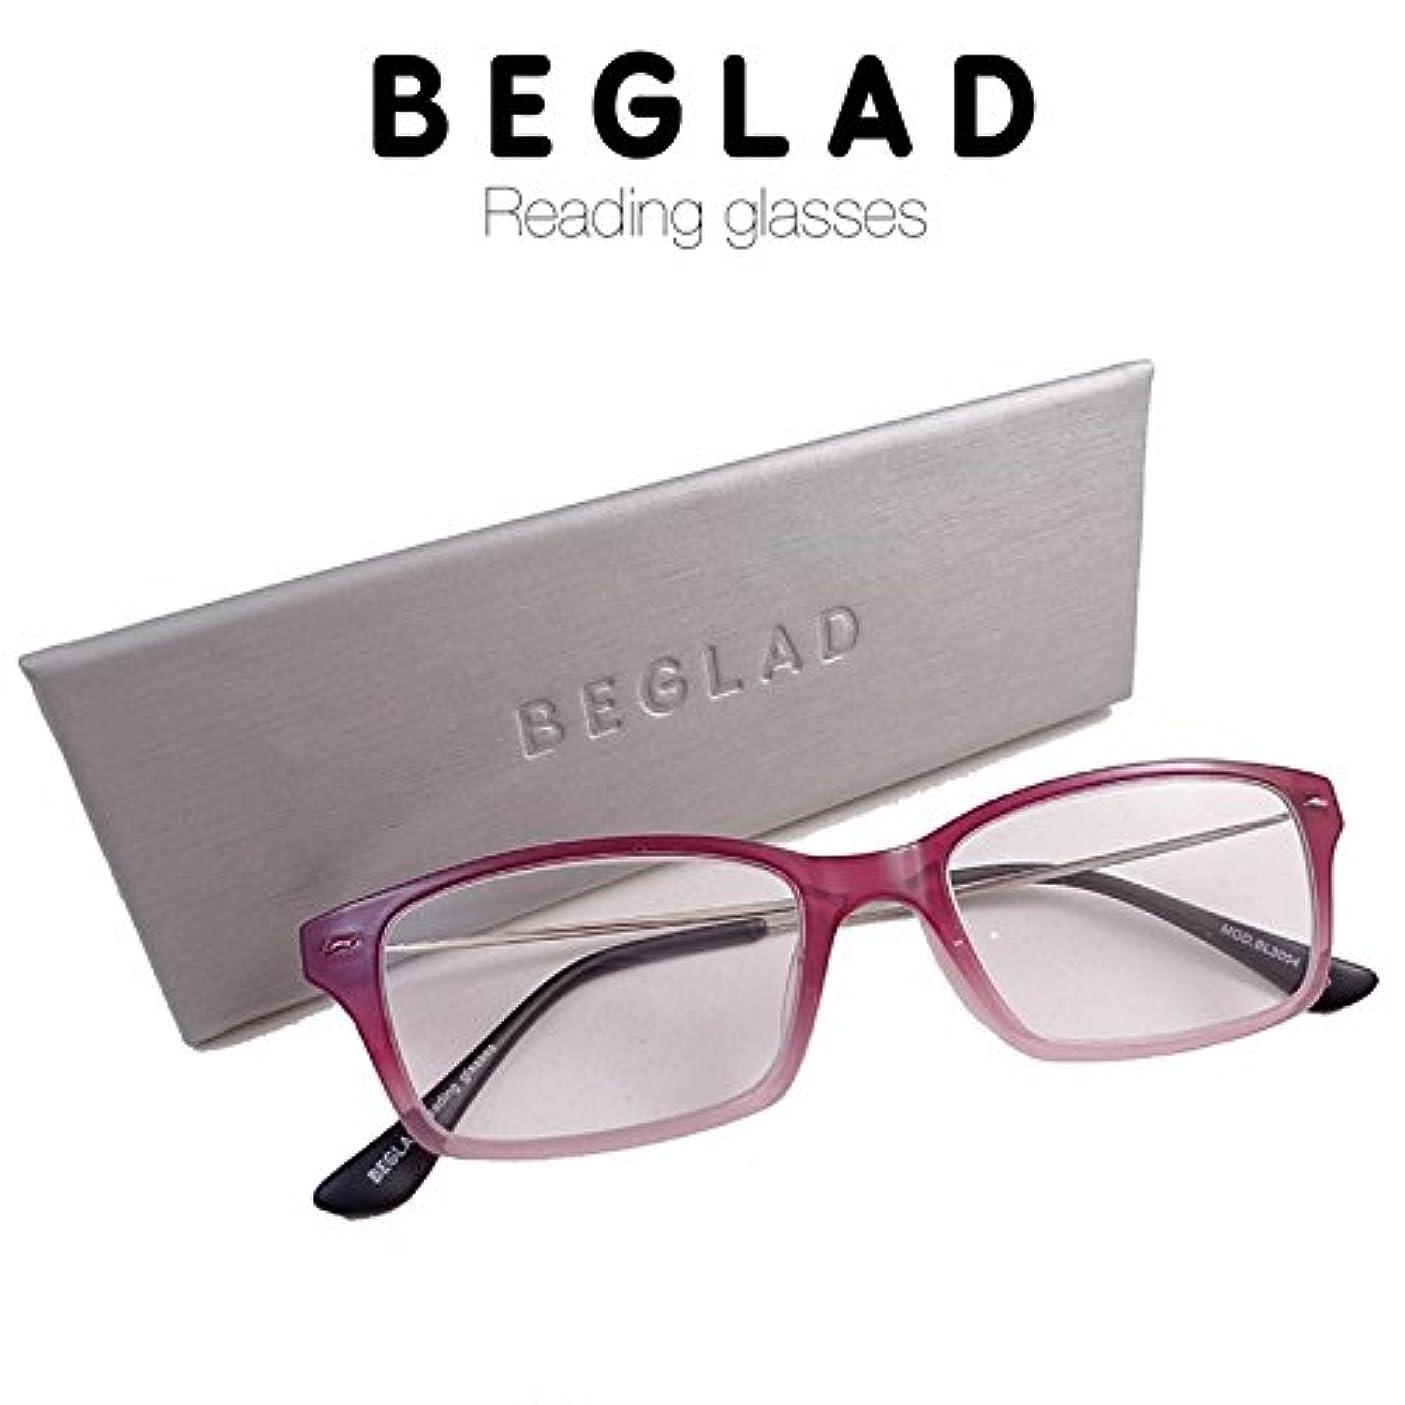 ビグラッド(BEGLAD) 老眼鏡 レッド 度数:+2.50 【グラデーションカラーがオシャレ!ケース付で便利】 BL3004RD